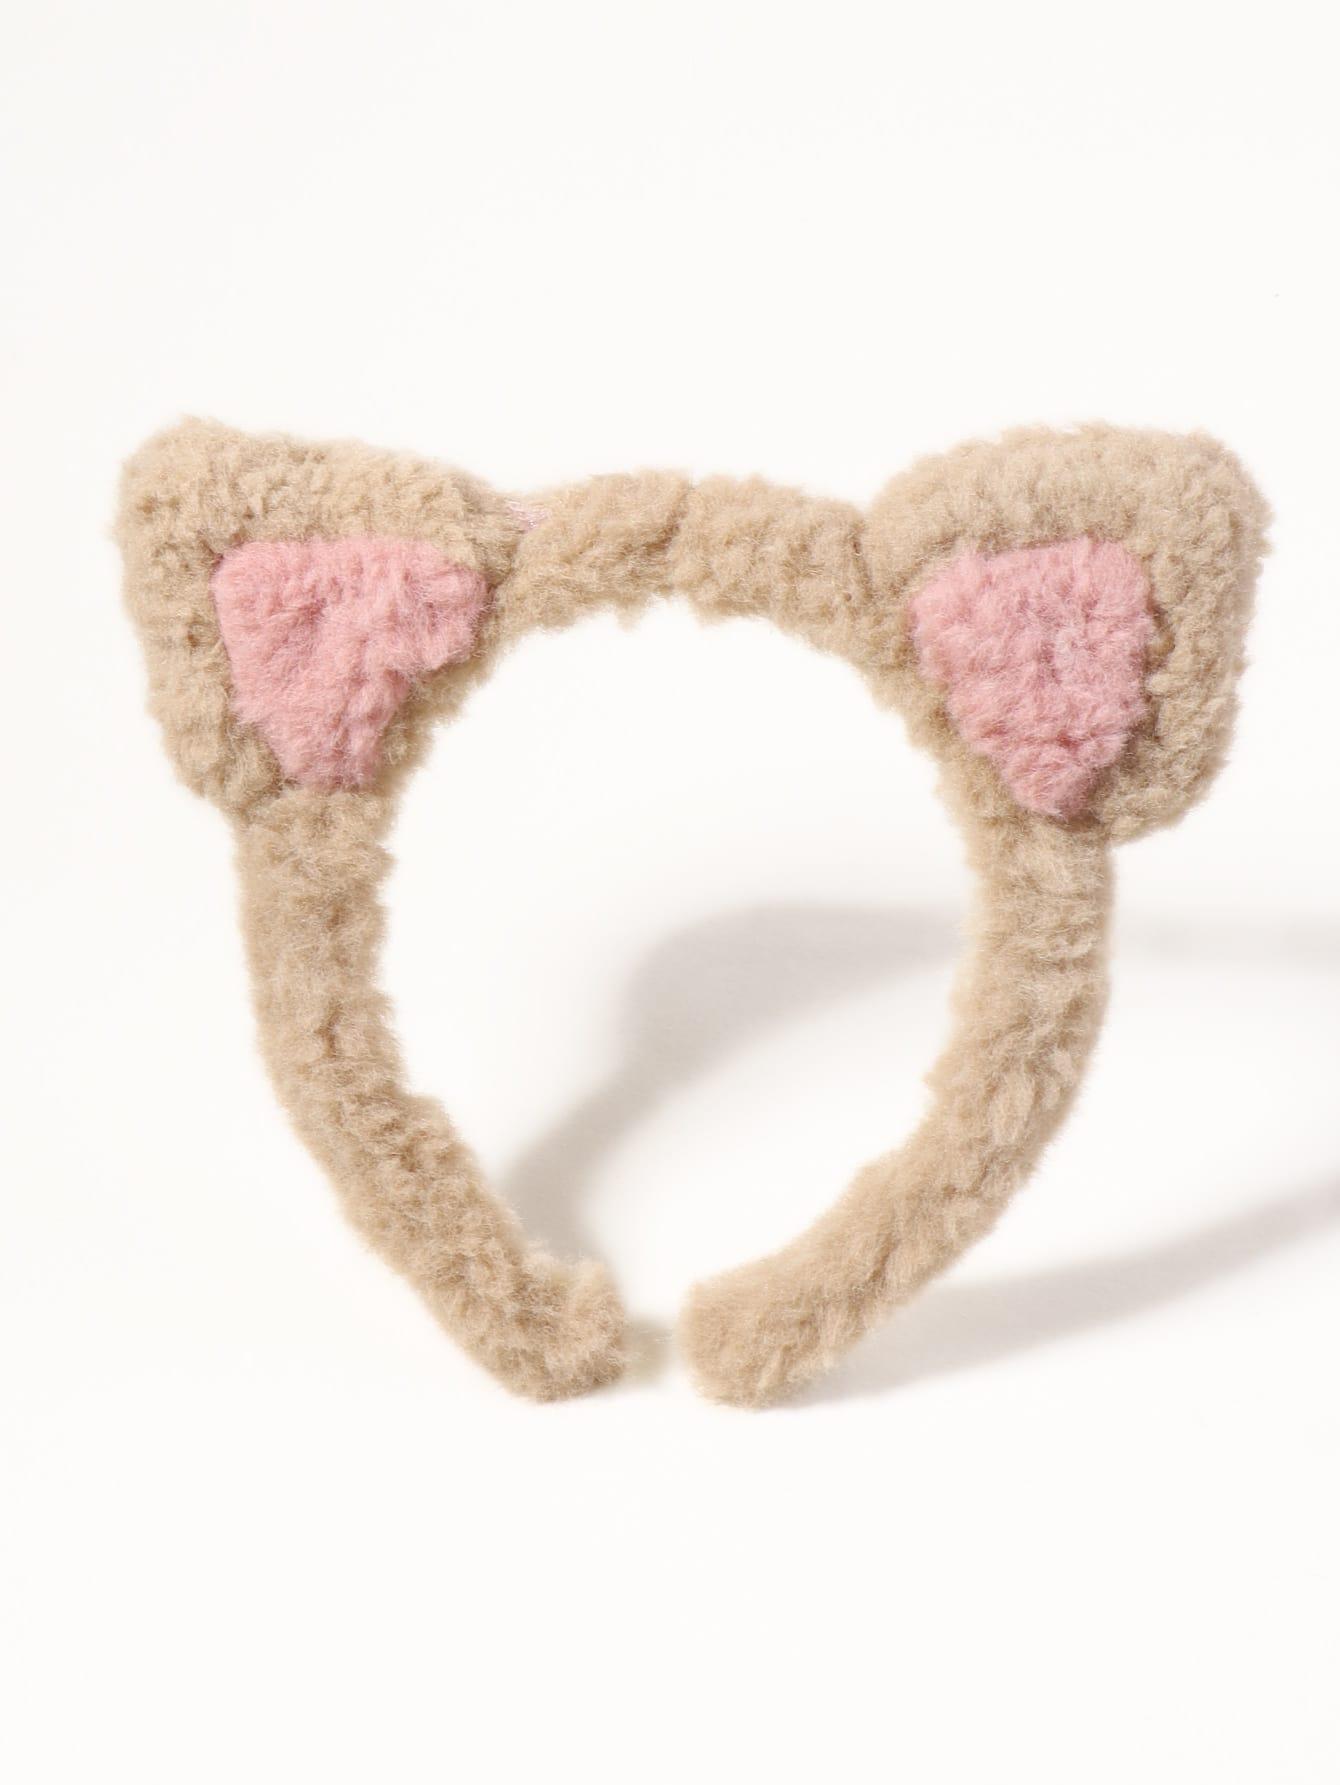 Fuzzy Ear Decor Headband